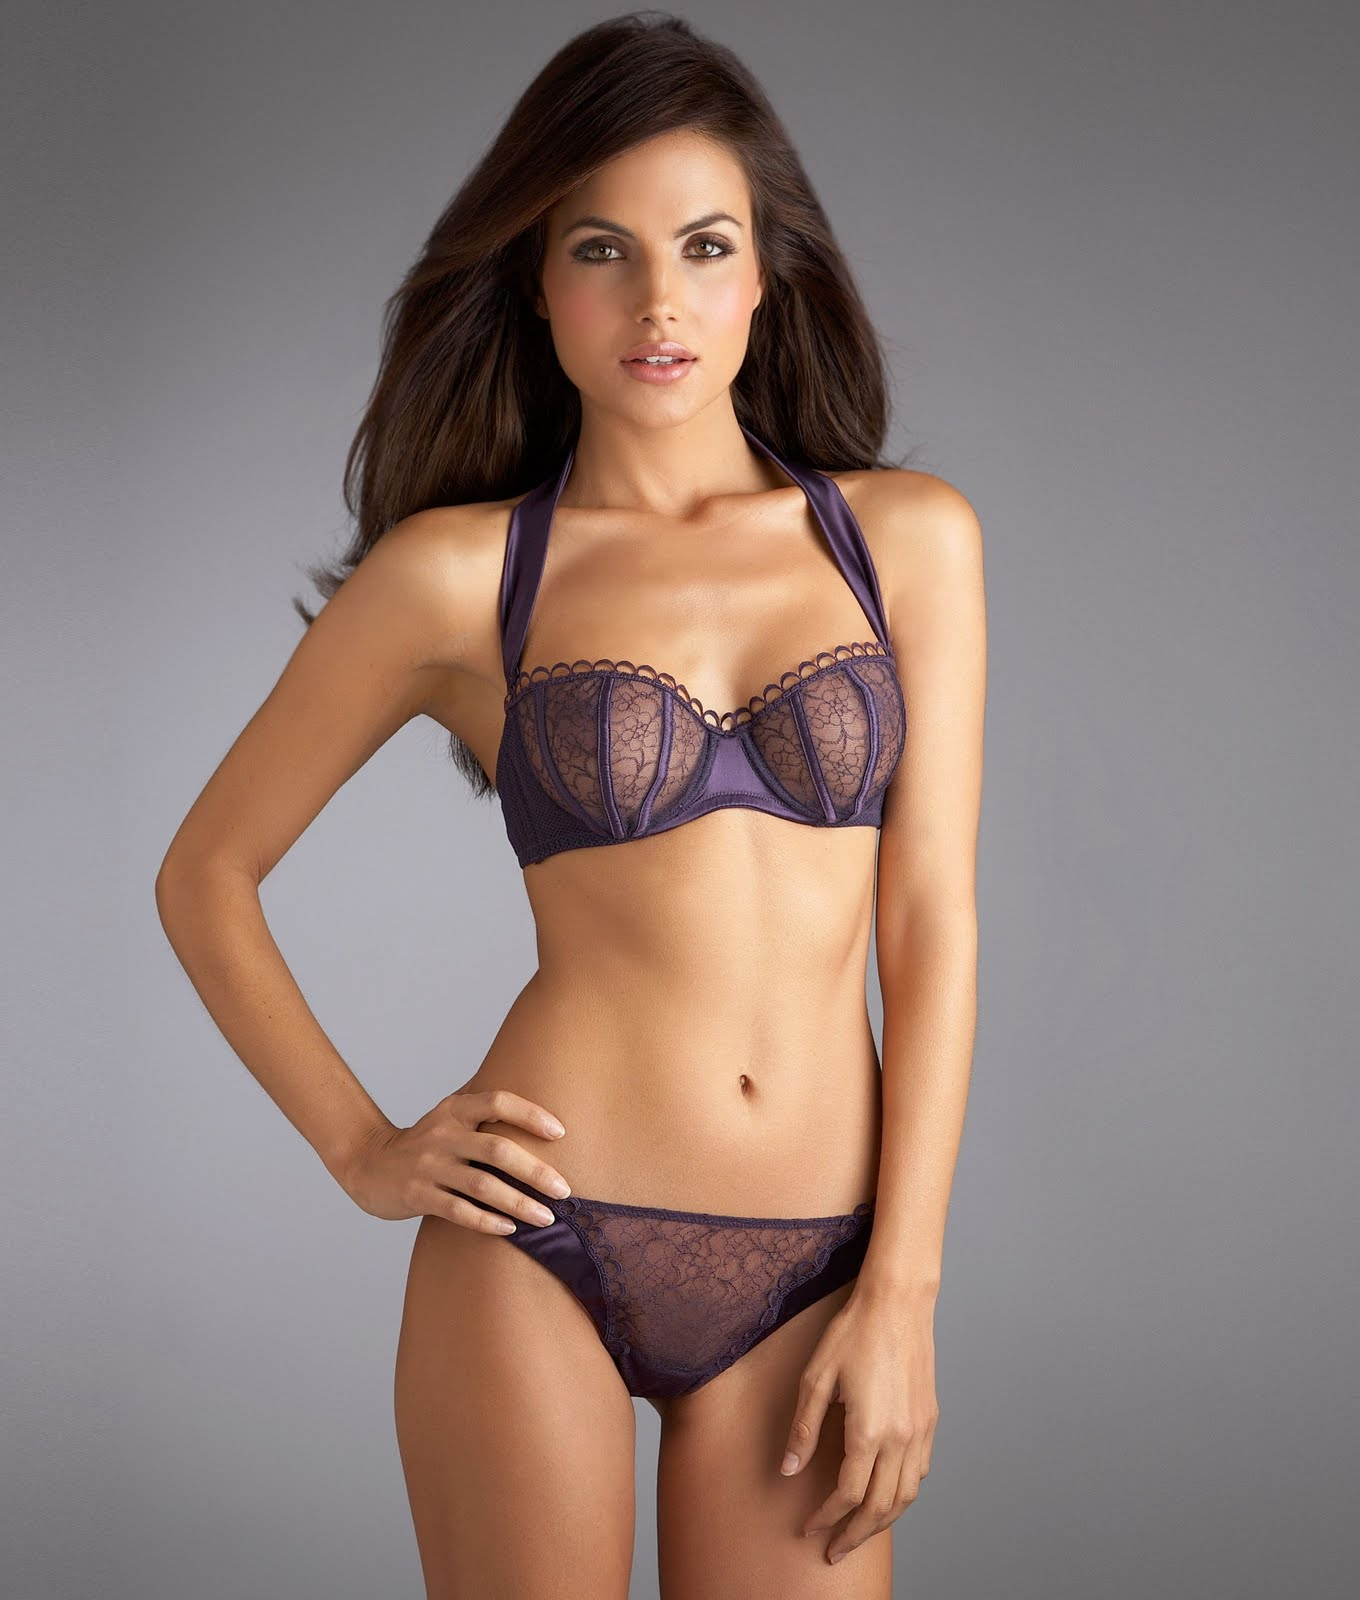 Diana Morales Nude Photos 21